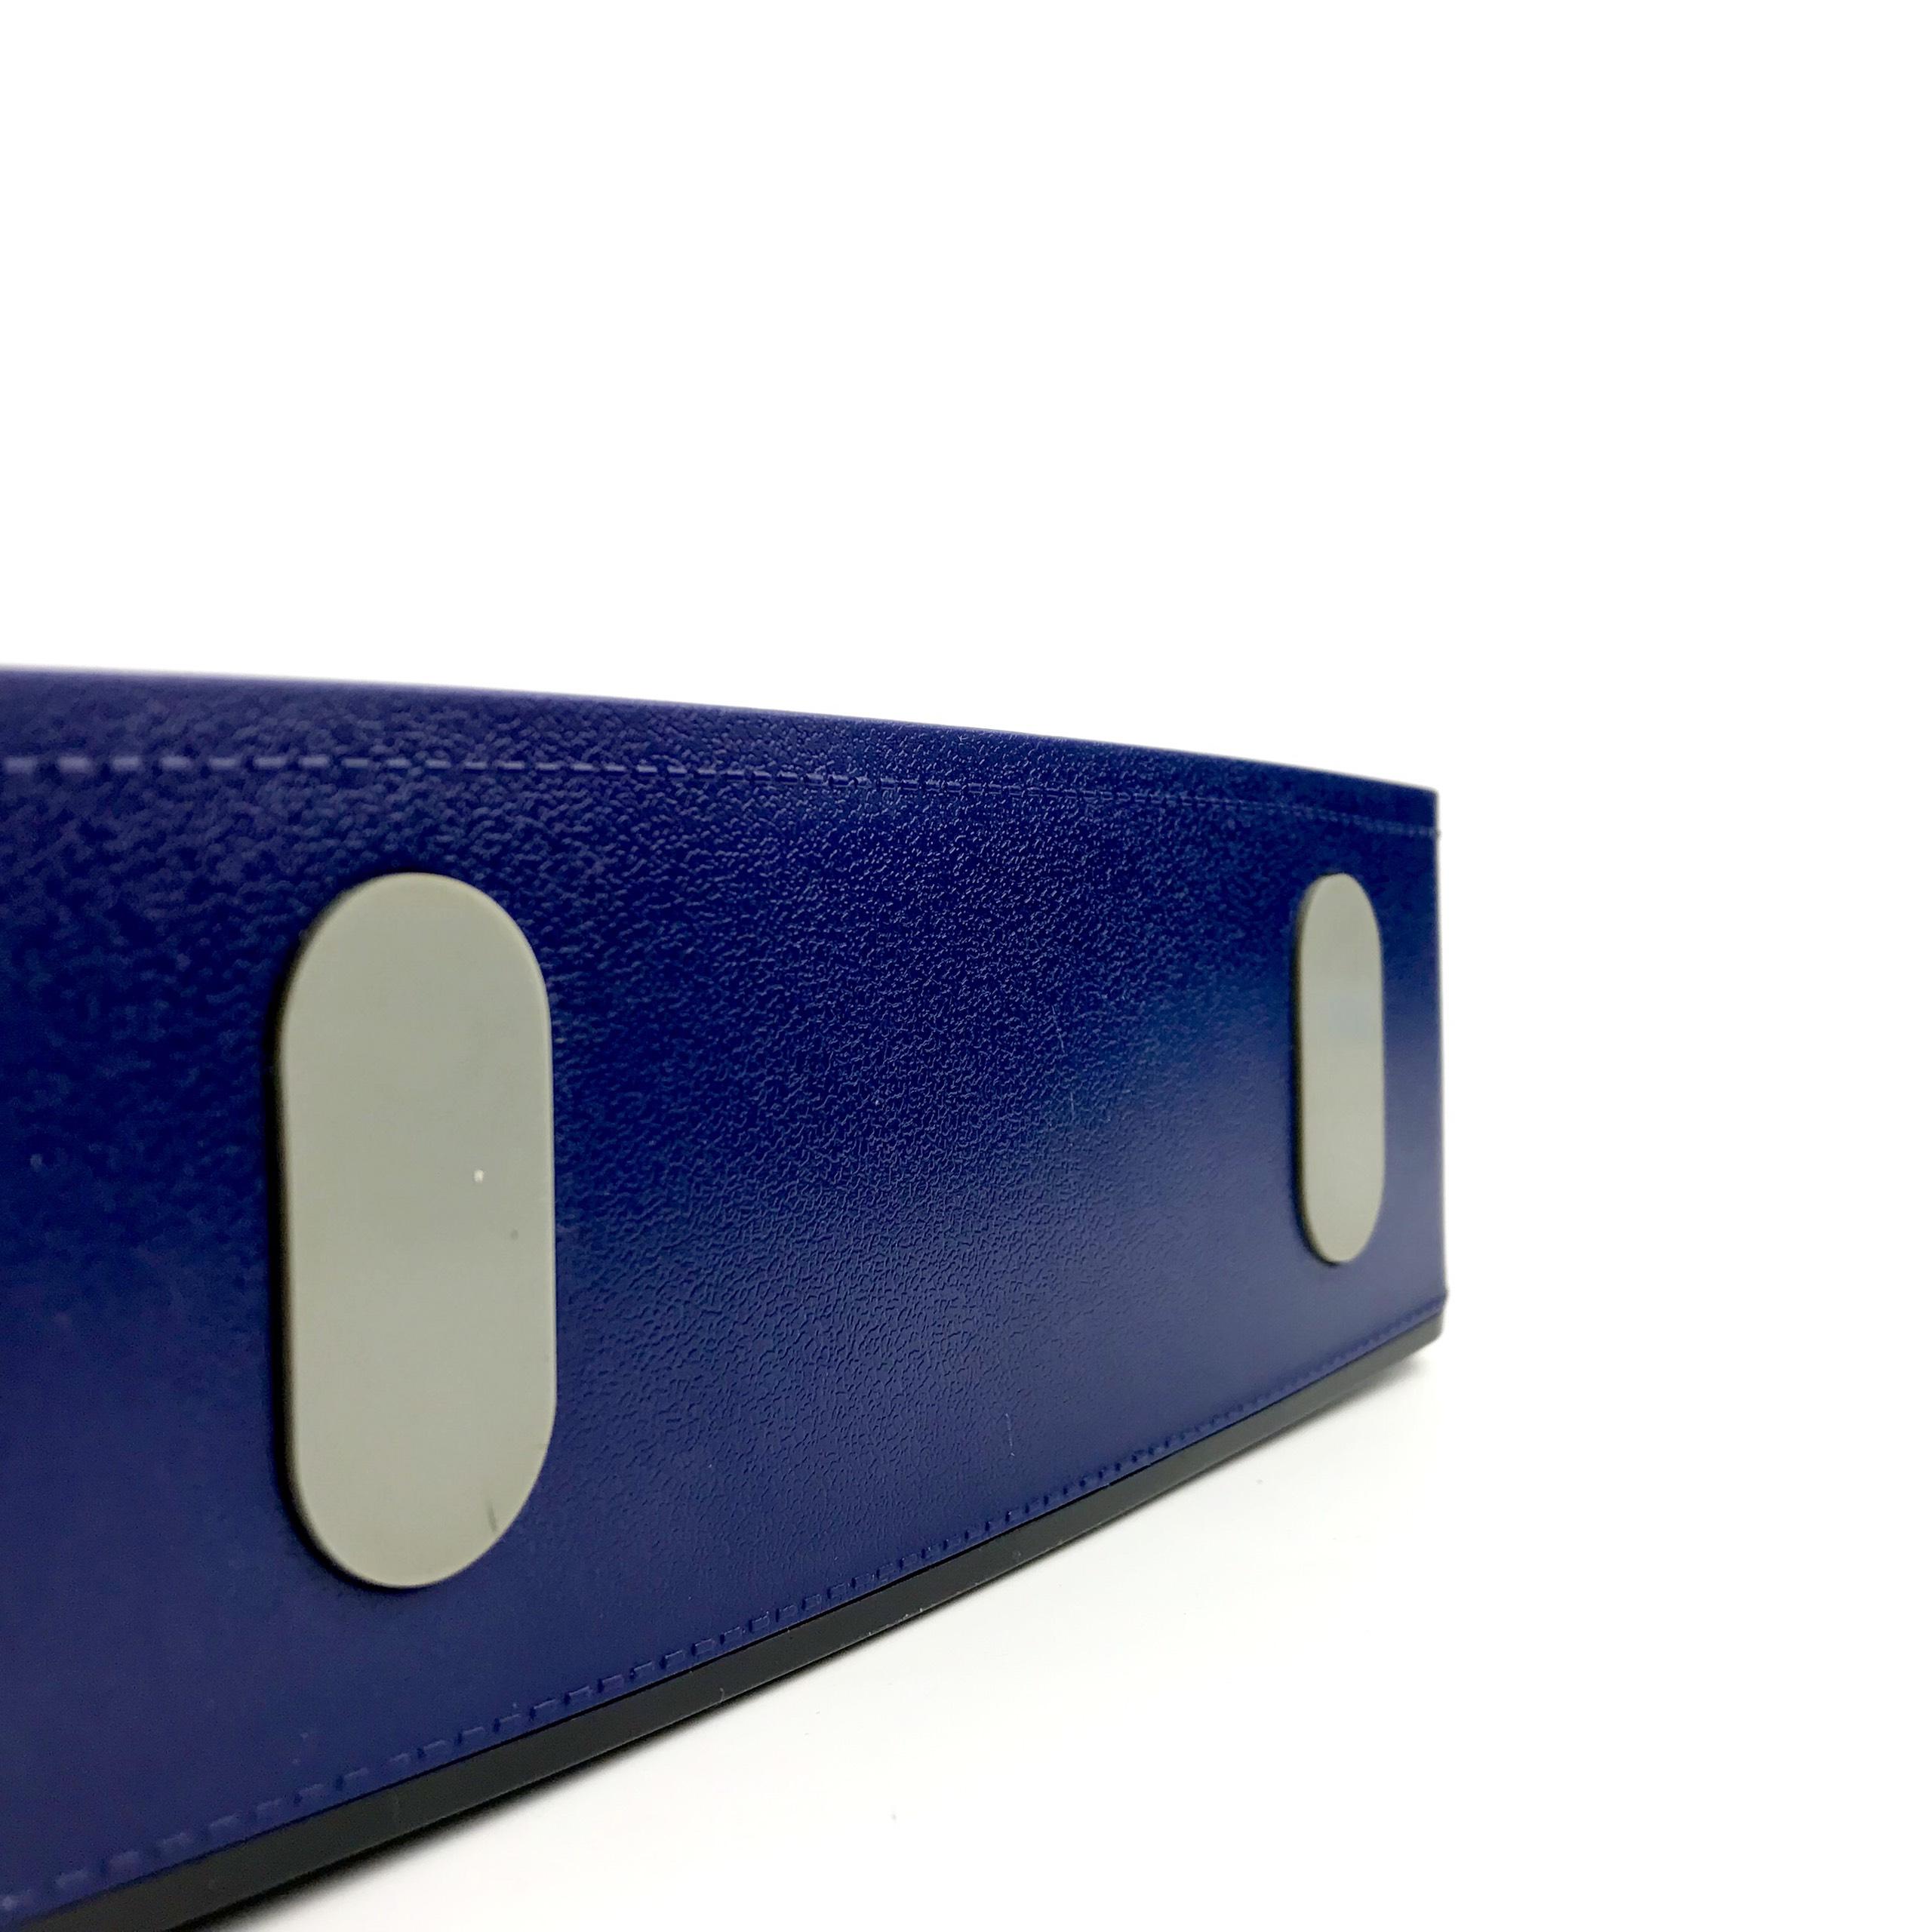 Loa Bluetooth S2025 Nghe Nhạc Cầm Tay Không Dây, Vỏ Kim Loại, Âm Thanh Chất Lượng, Bass Hay,  Hỗ Trợ Kết Nối Bluetooth 4.0, USB, Thẻ Nhớ, Cổng 3.5, Nhiều Màu Sắc